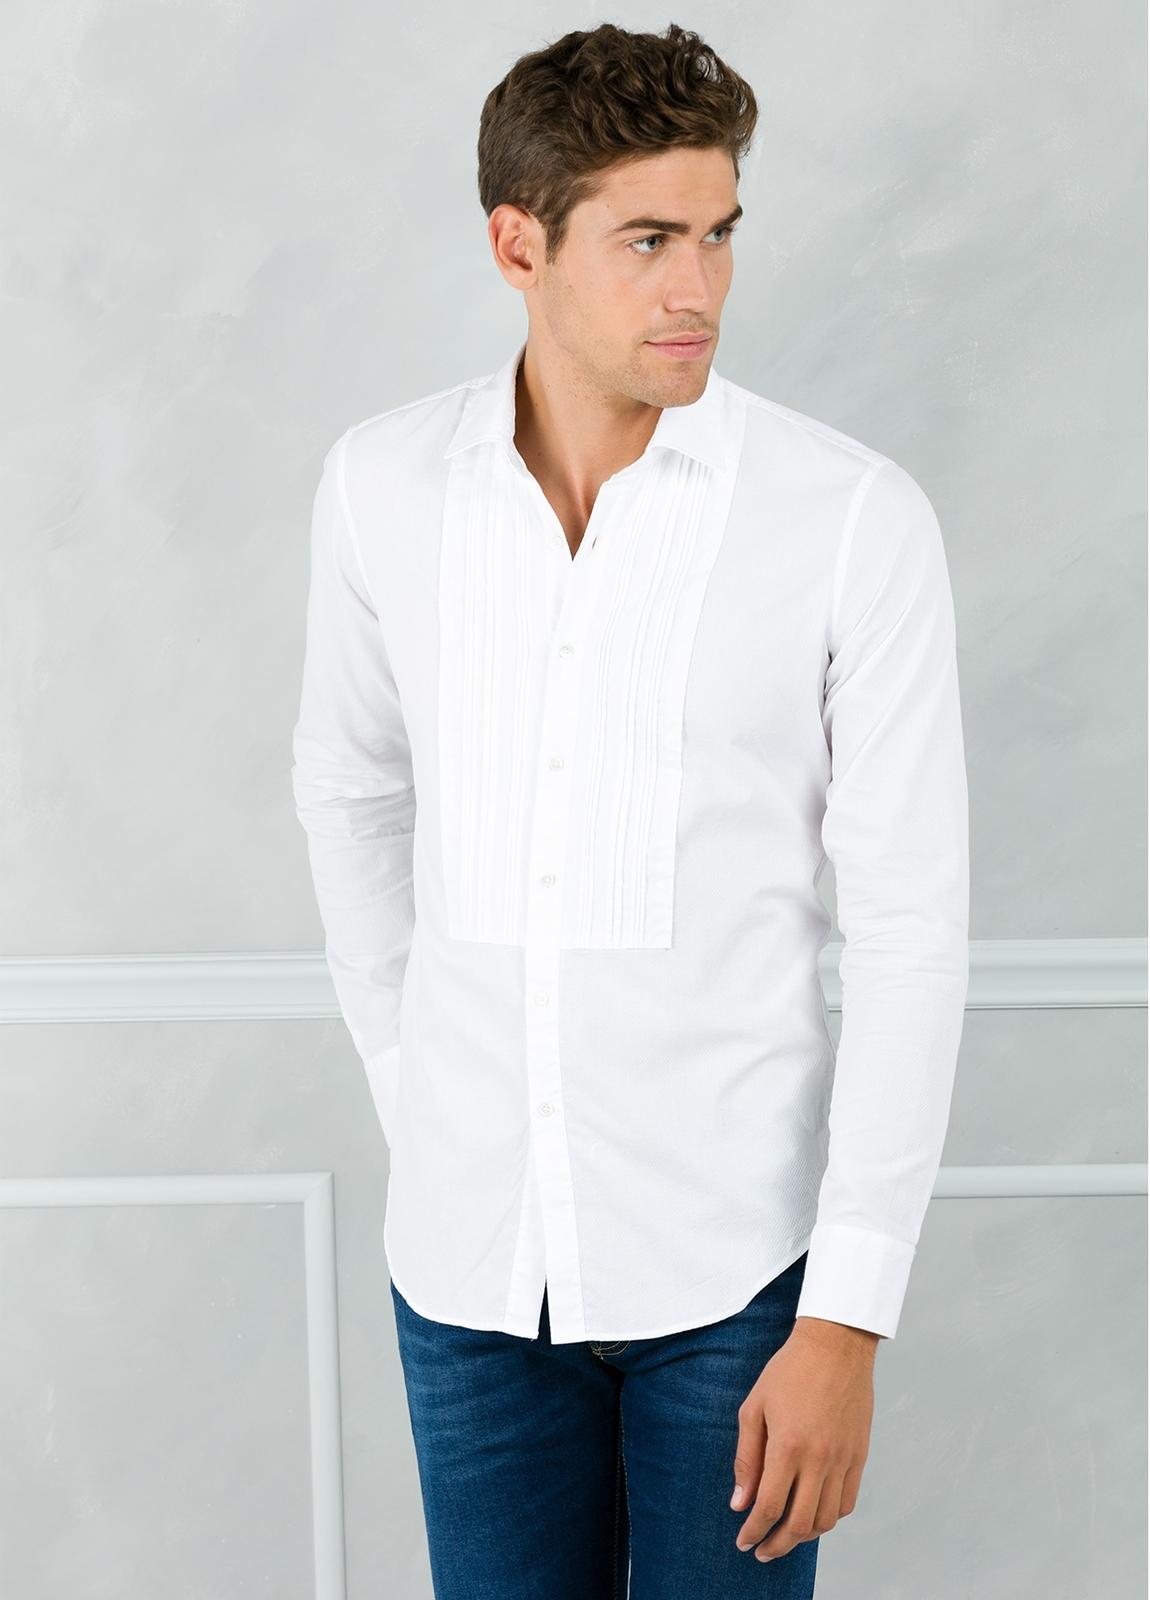 Camisa sport SLIM FIT modelo AIDA con plastrón frontal, color blanco. 100% Algodón. - Ítem2